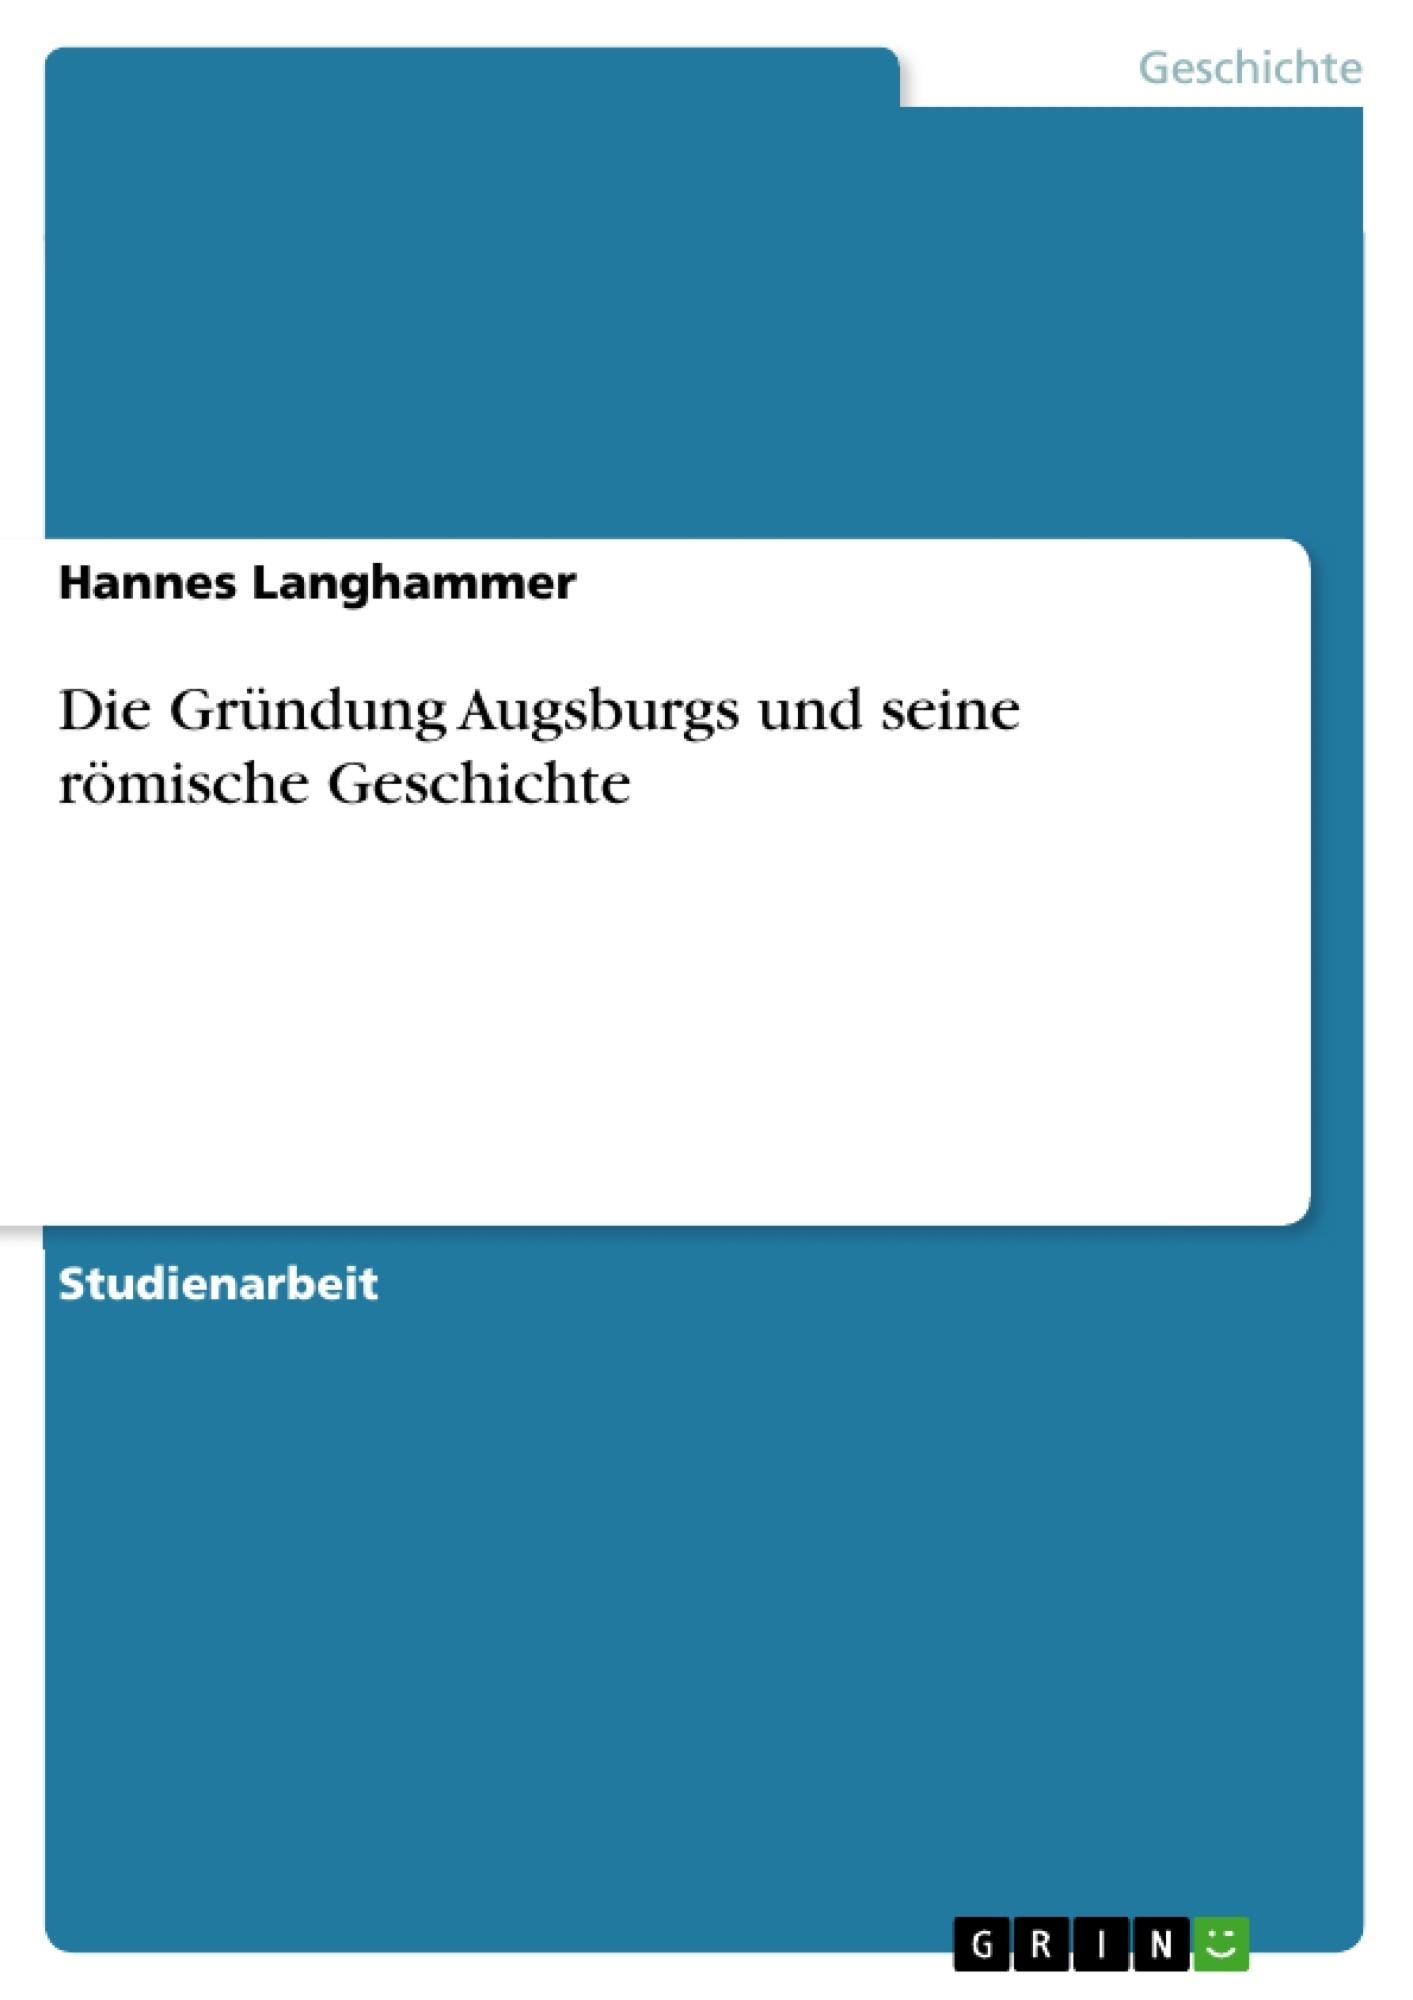 Titel: Die Gründung Augsburgs und seine römische Geschichte